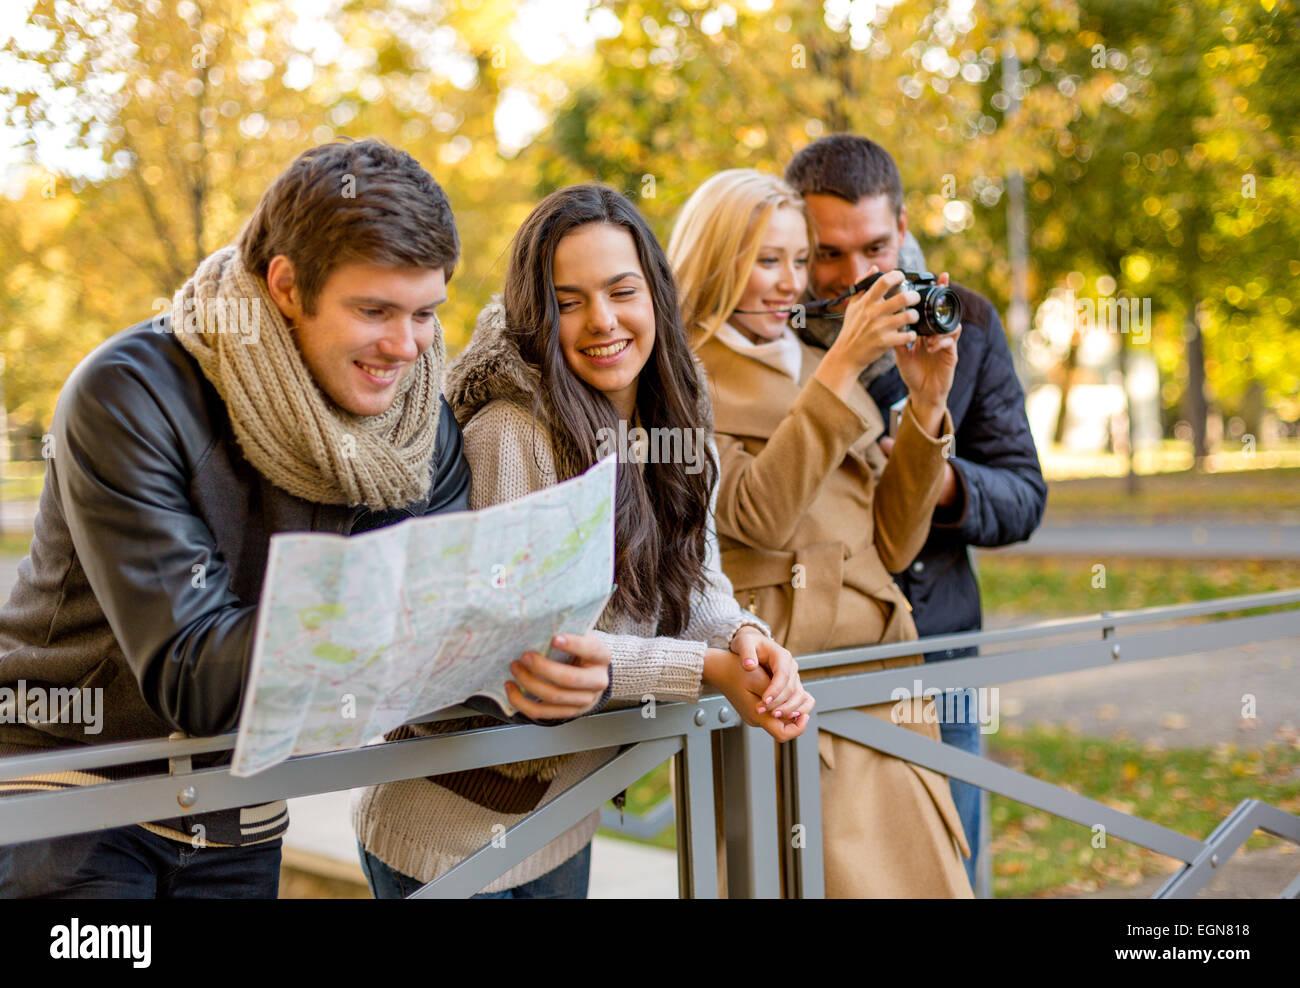 Il gruppo di amici con mappa e fotocamera all'aperto Immagini Stock